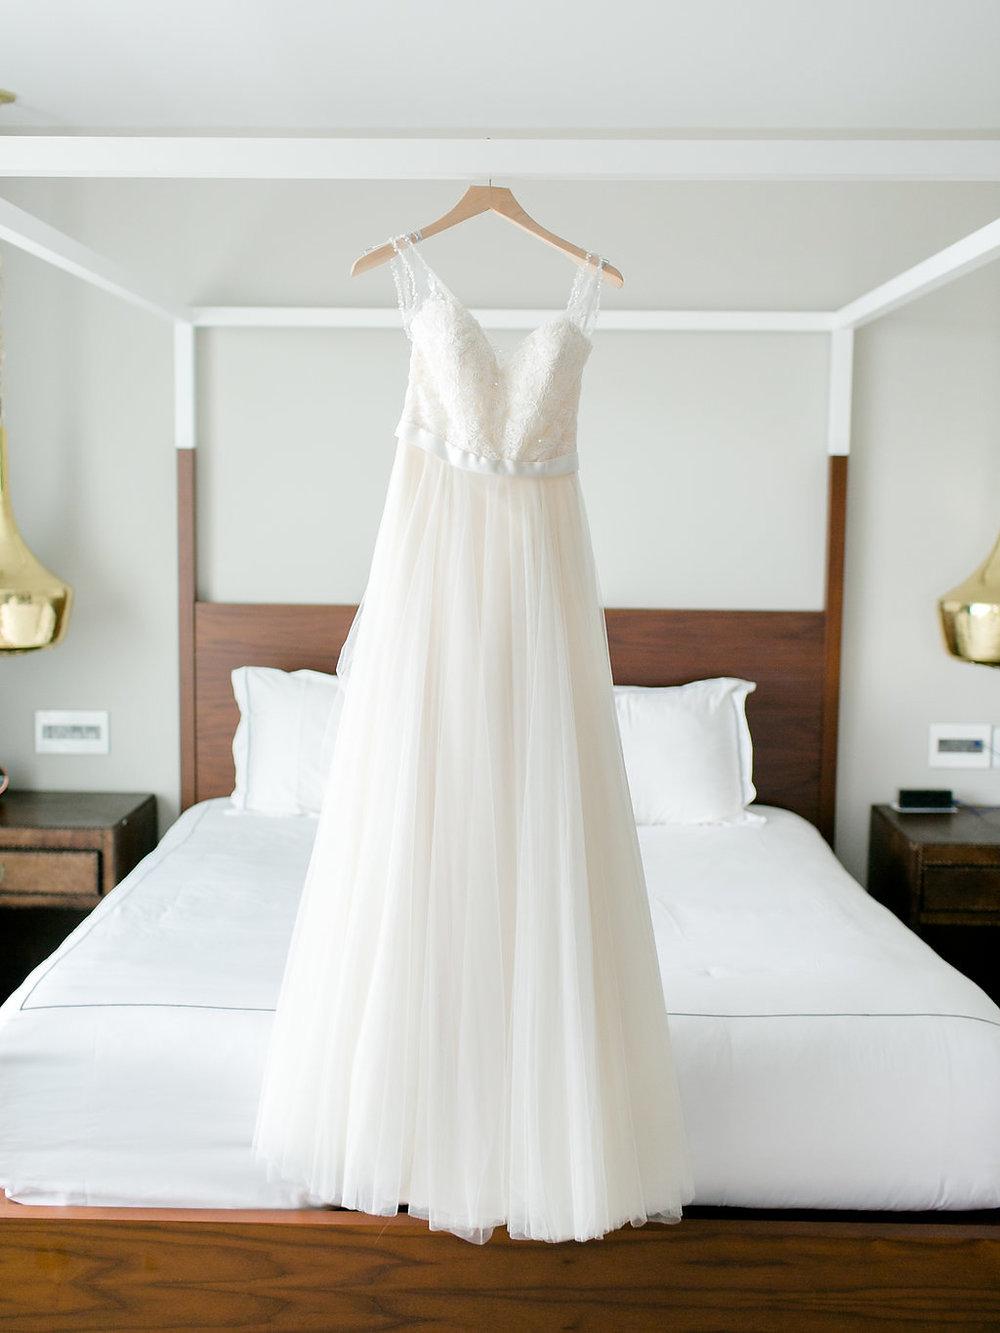 Rachel_Ben_Wedding_Hotel_Van_Zandt3.jpg